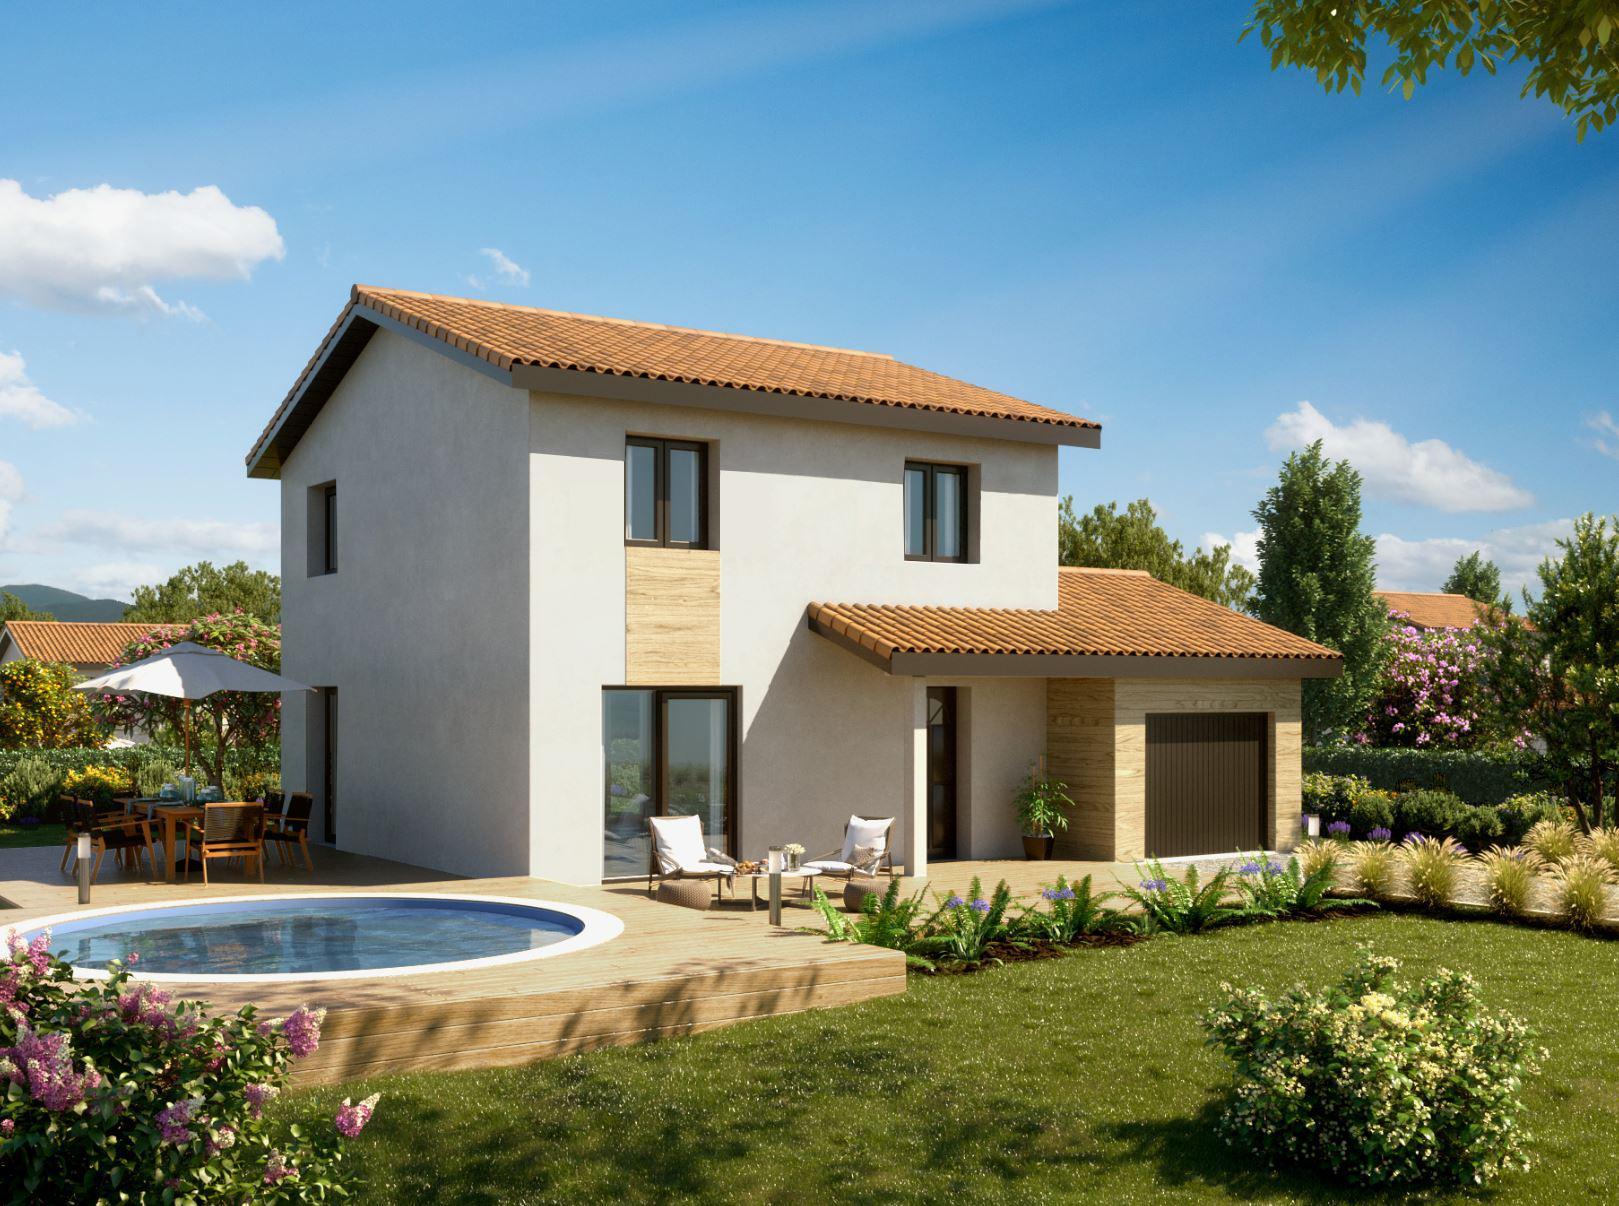 Maisons + Terrains du constructeur MAISONS PUNCH BOURGOIN • 78 m² • BOURGOIN JALLIEU